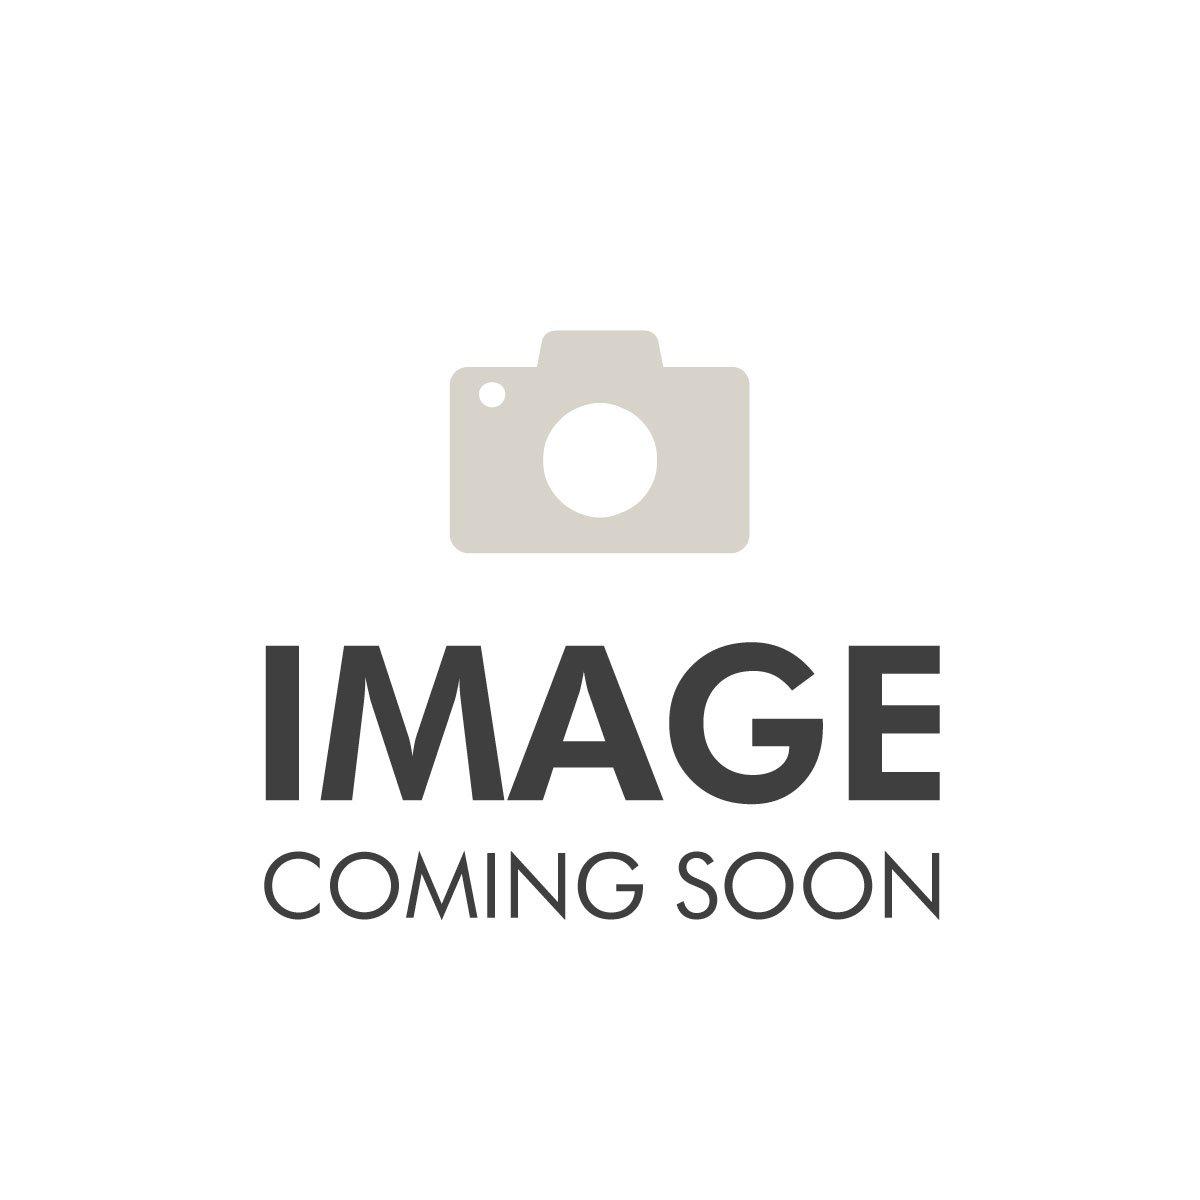 Versace Man Eau Fraiche 30ml EDT Spray